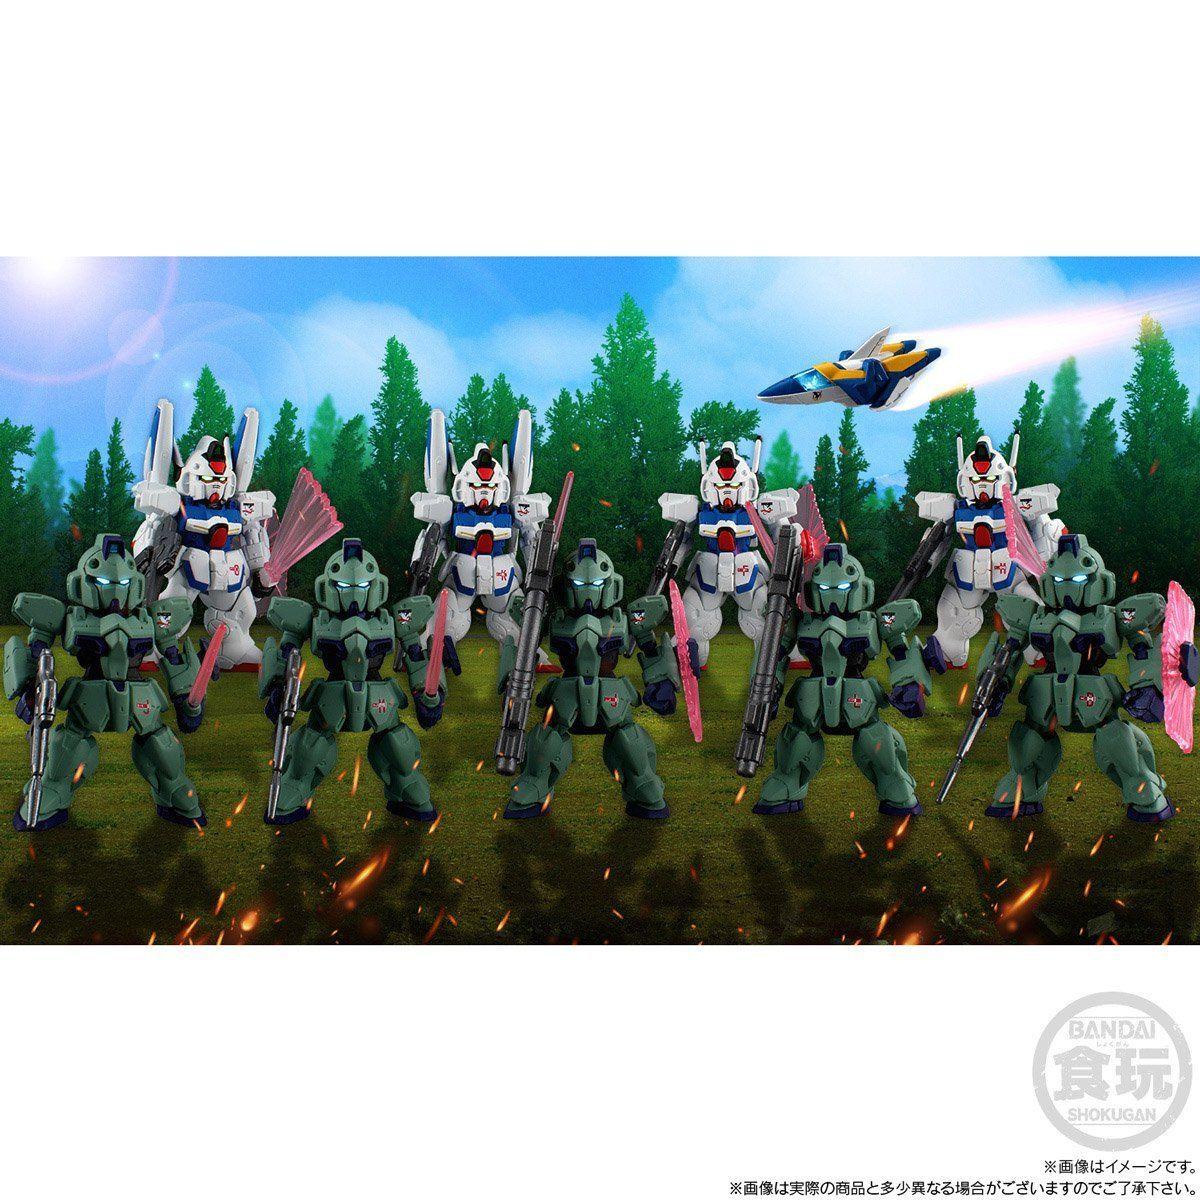 【限定販売】【食玩】FW GUNDAM CONVERGE:CORE『機動戦士Vガンダム シュラク隊セット』デフォルメフィギュア-010